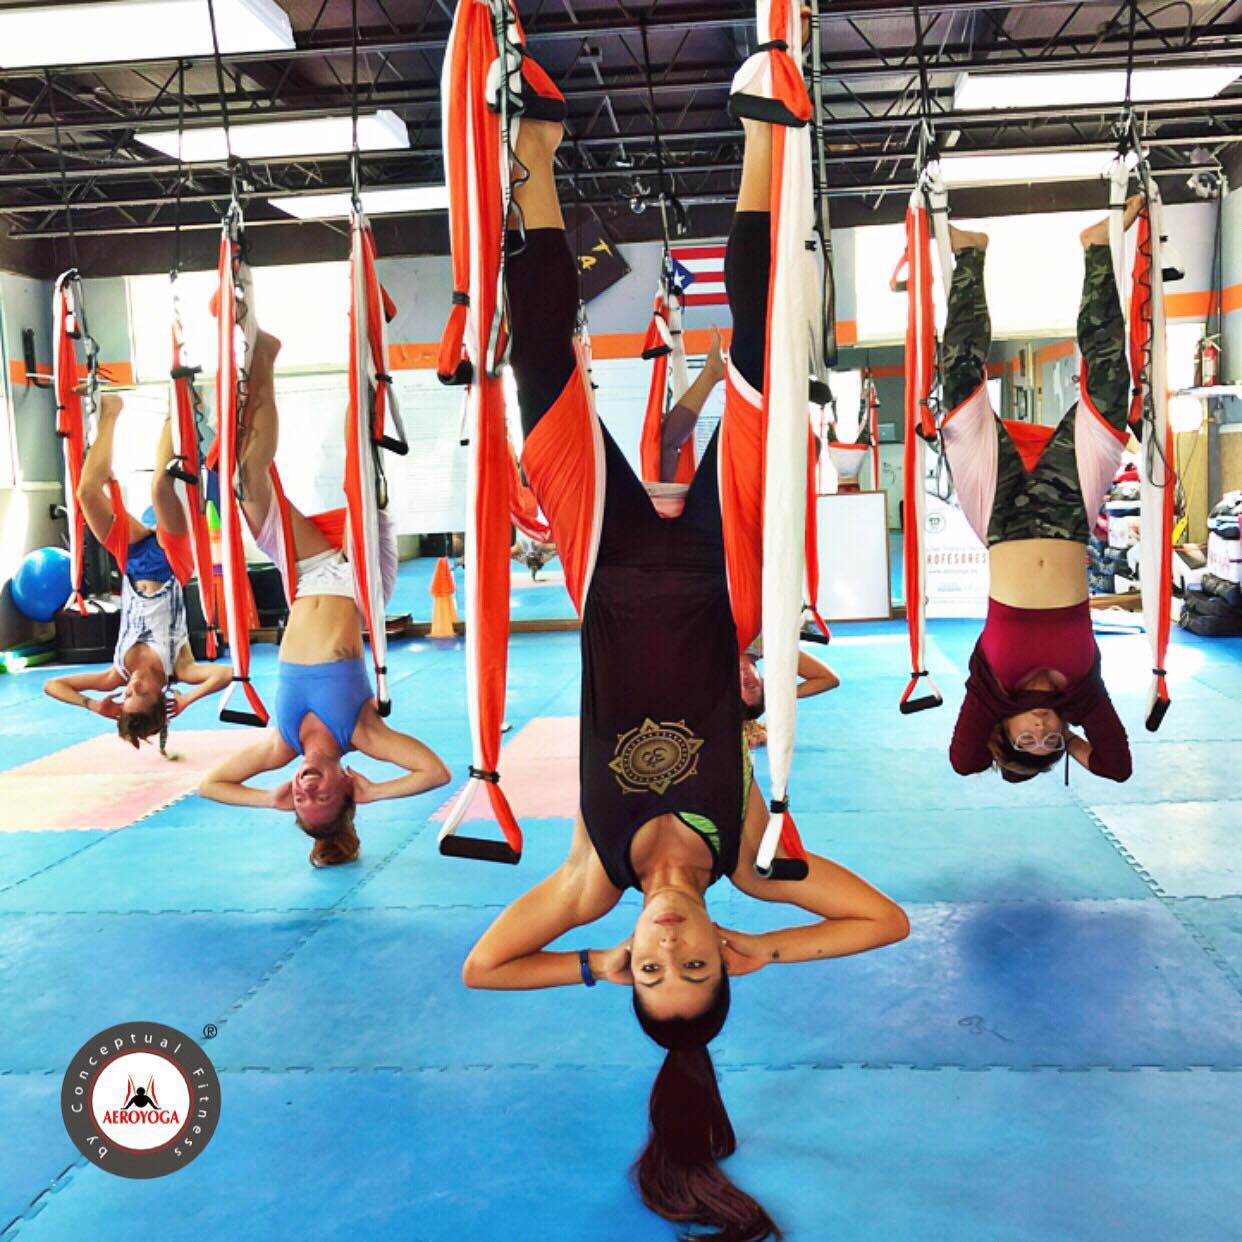 Yoga Aéreo, Descubre Hoy los 3 Tipos de Drenaje que te Aporta el Método AeroYoga ®